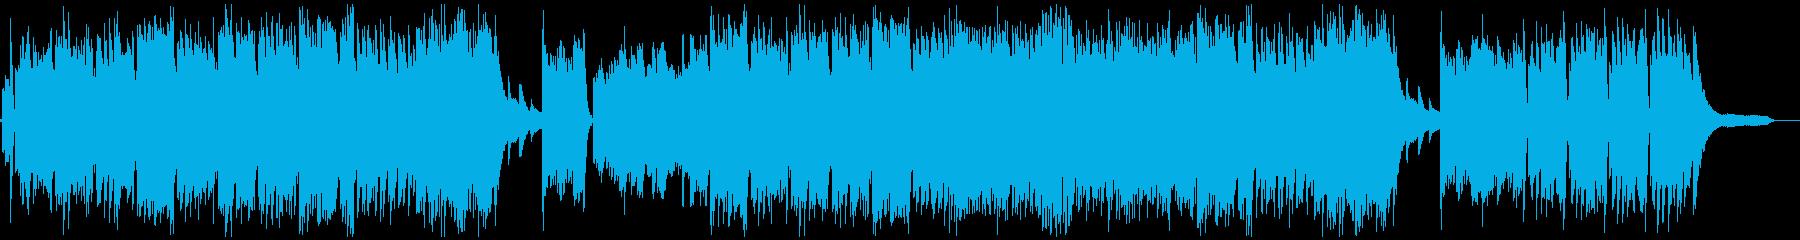 疾走感のある、力強いピアノ・ソロの再生済みの波形